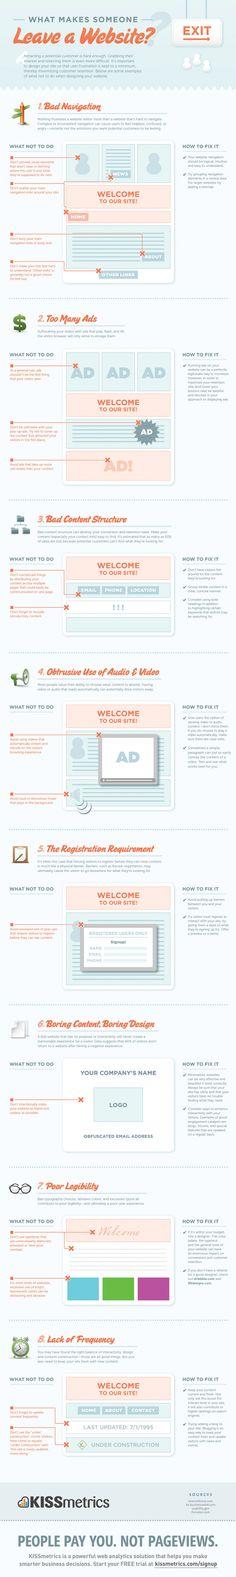 ¿Qué hace que alguien deje su sitio web? [Infografía]